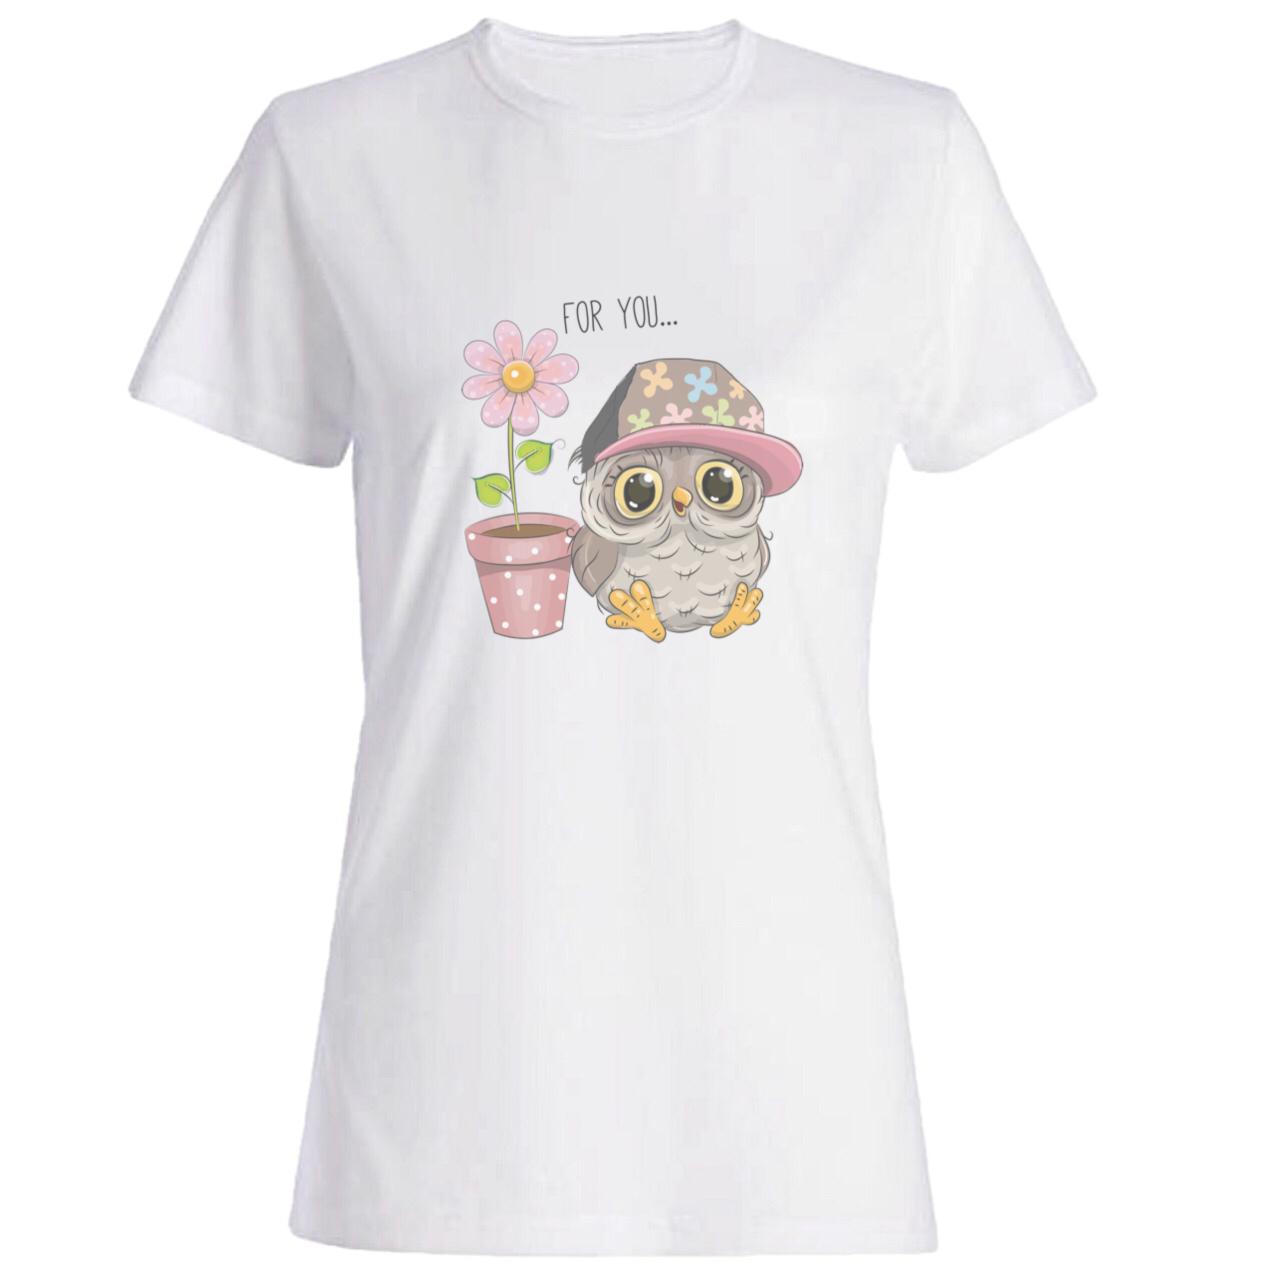 حراج تی شرت زنانه کد ۴۵